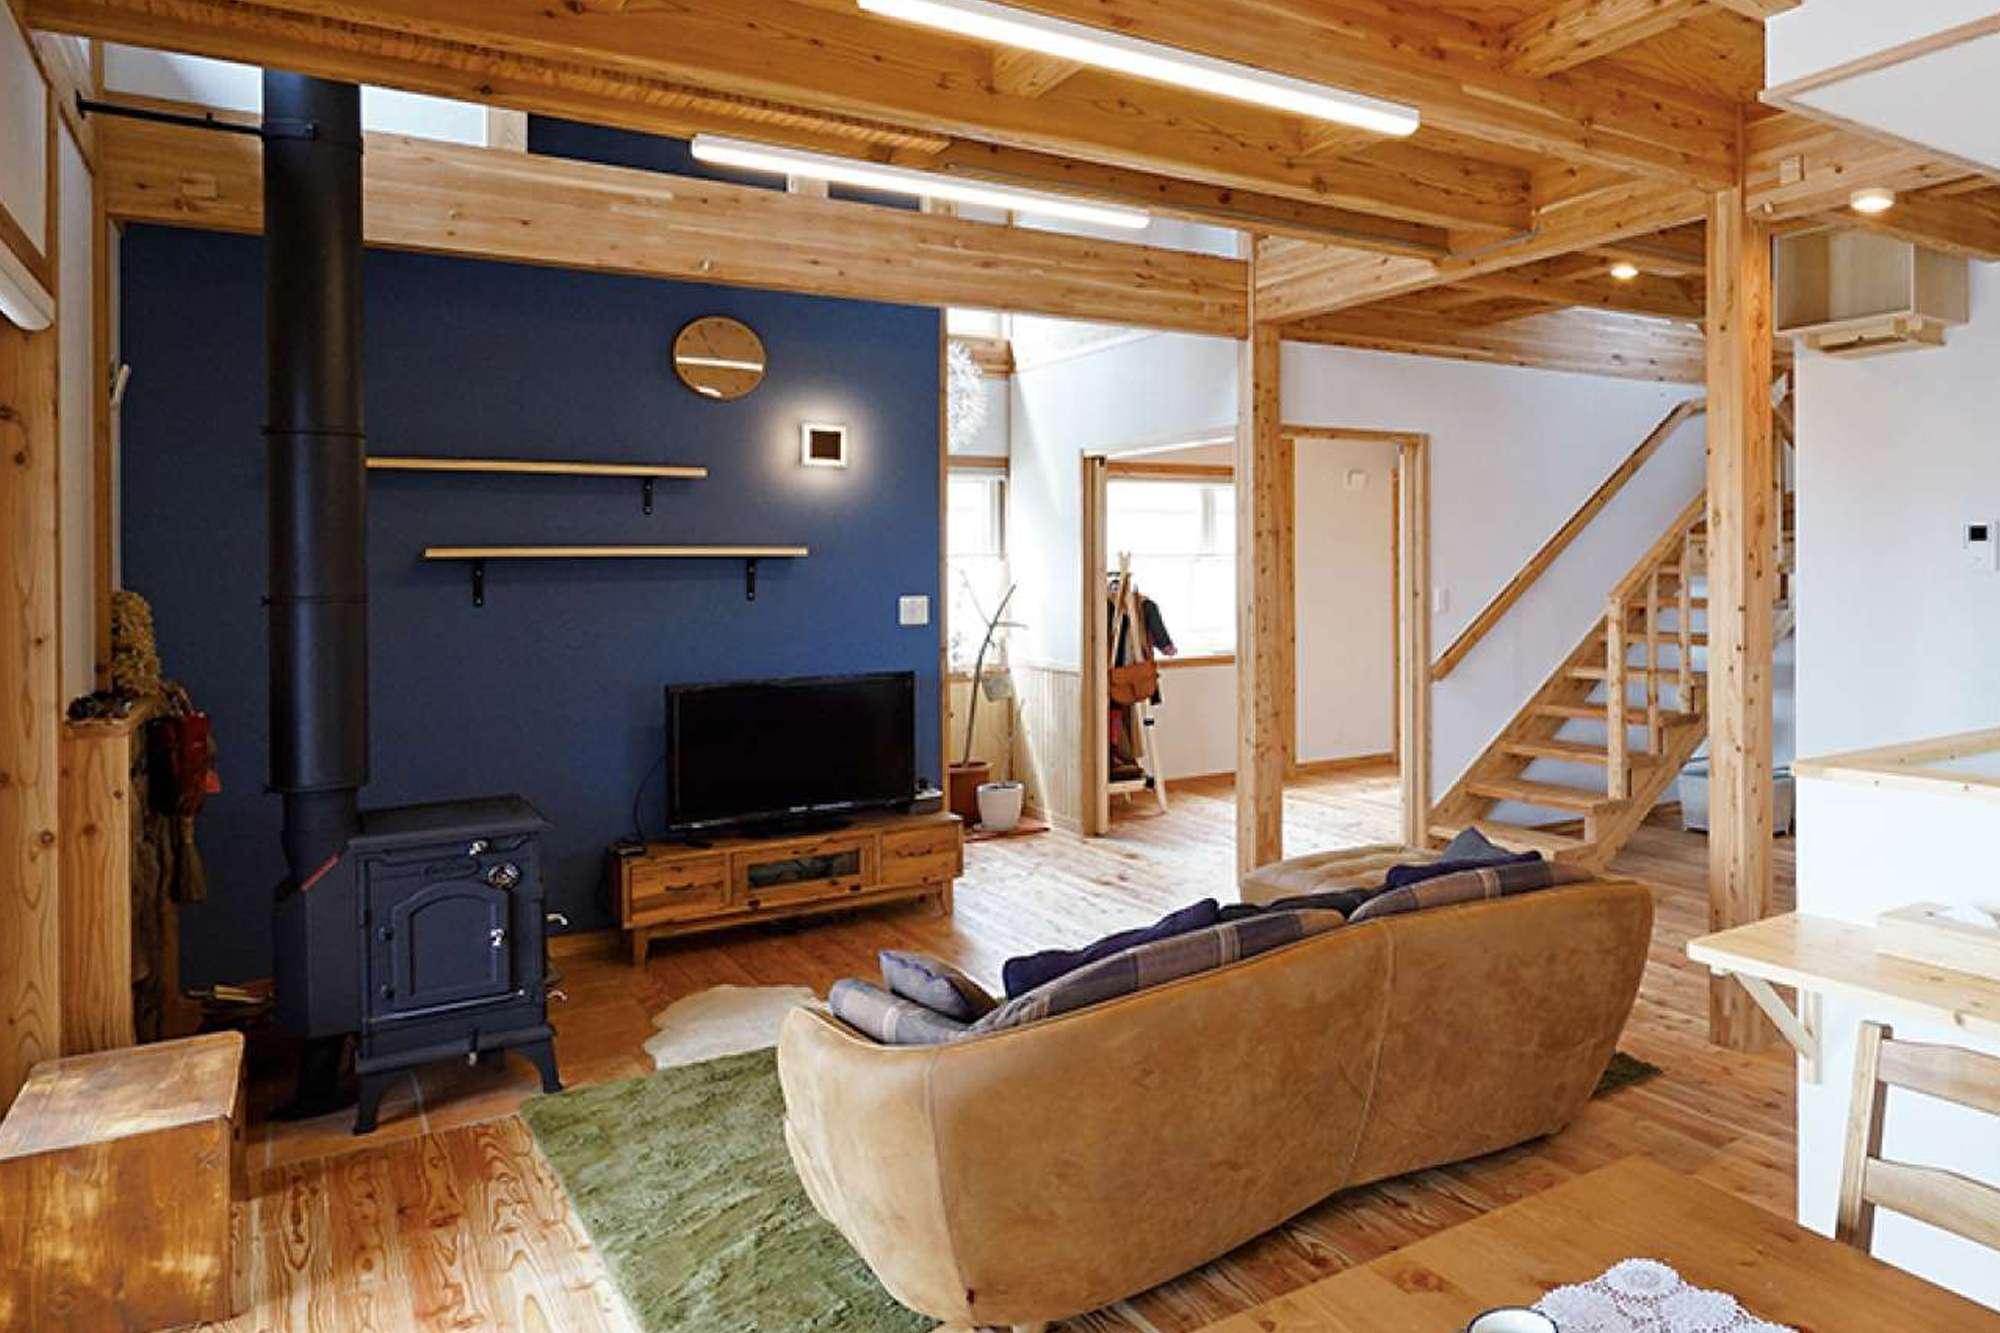 - ヴィンテージ家具にネイビーの壁、ダイナミックな梁。レトロでいてモダンなかっこよさがある薪ストーブスペース。 -  -